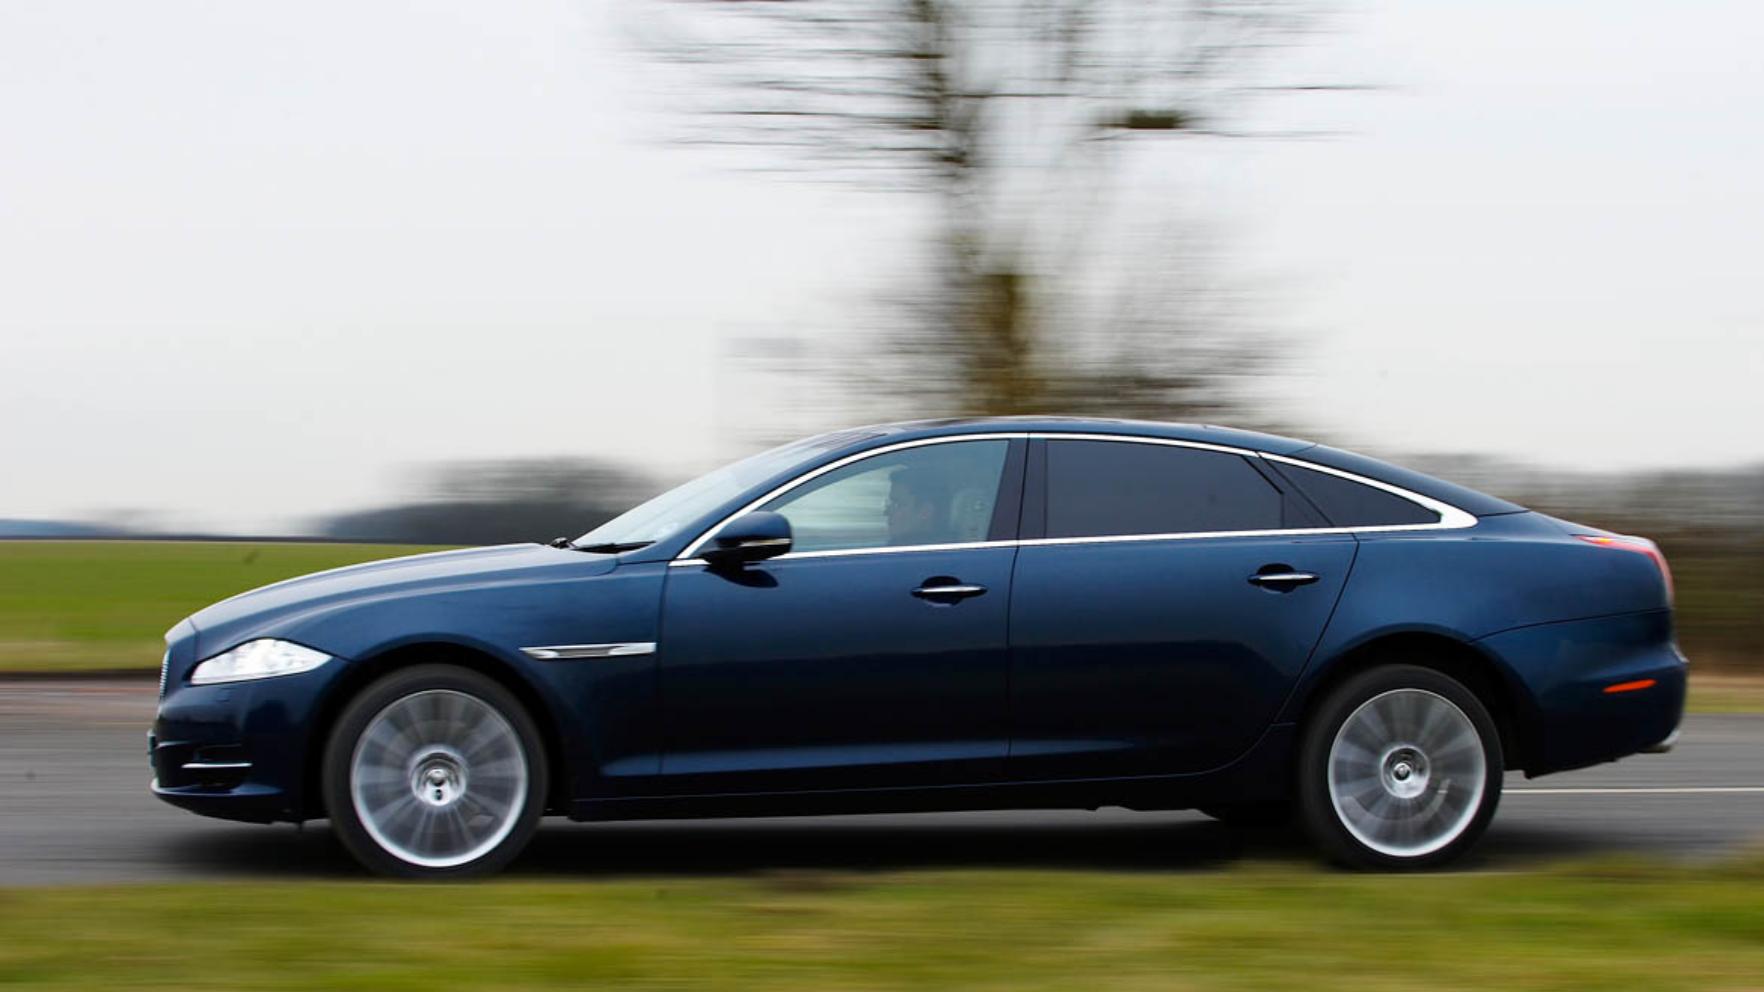 XJ Standard Wheelbase Luxury